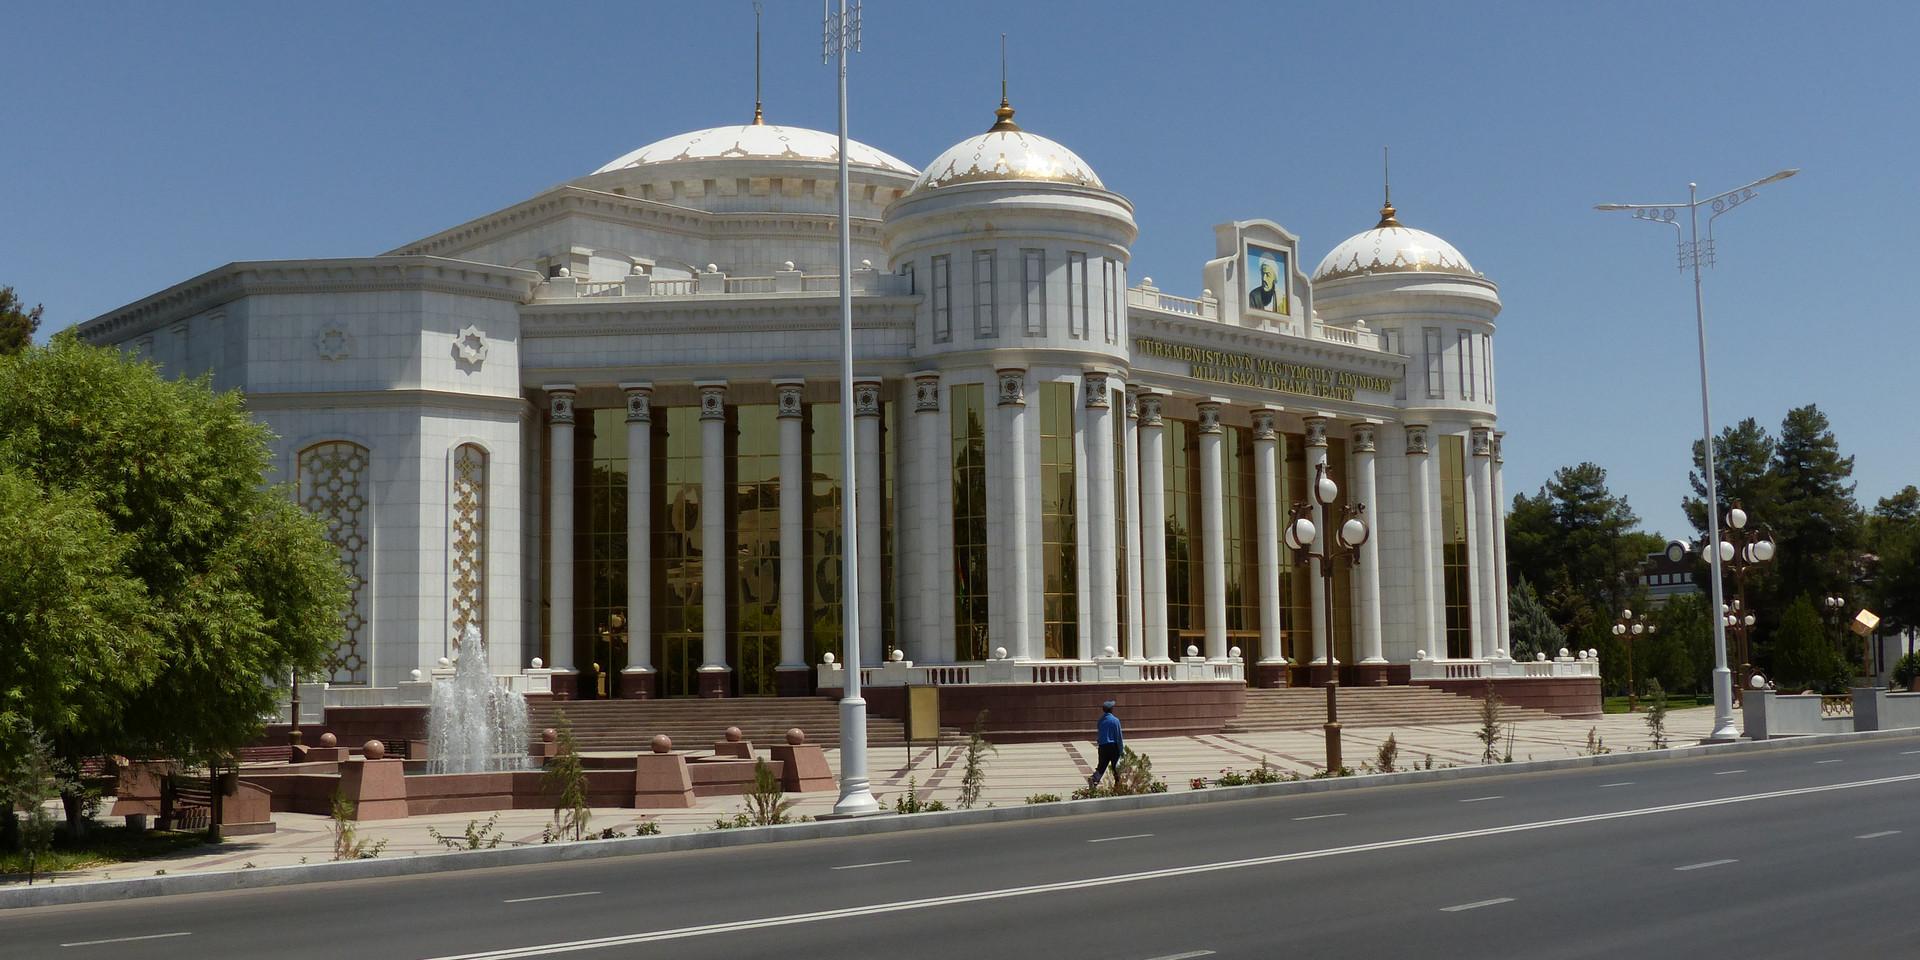 Building is Ashgabat, Turkmenistan